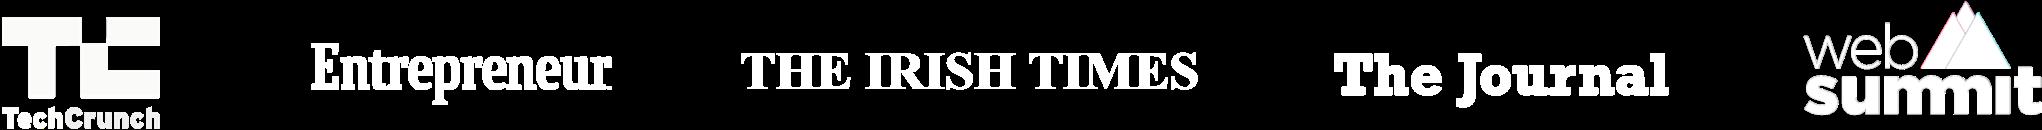 News Articles Link Logos